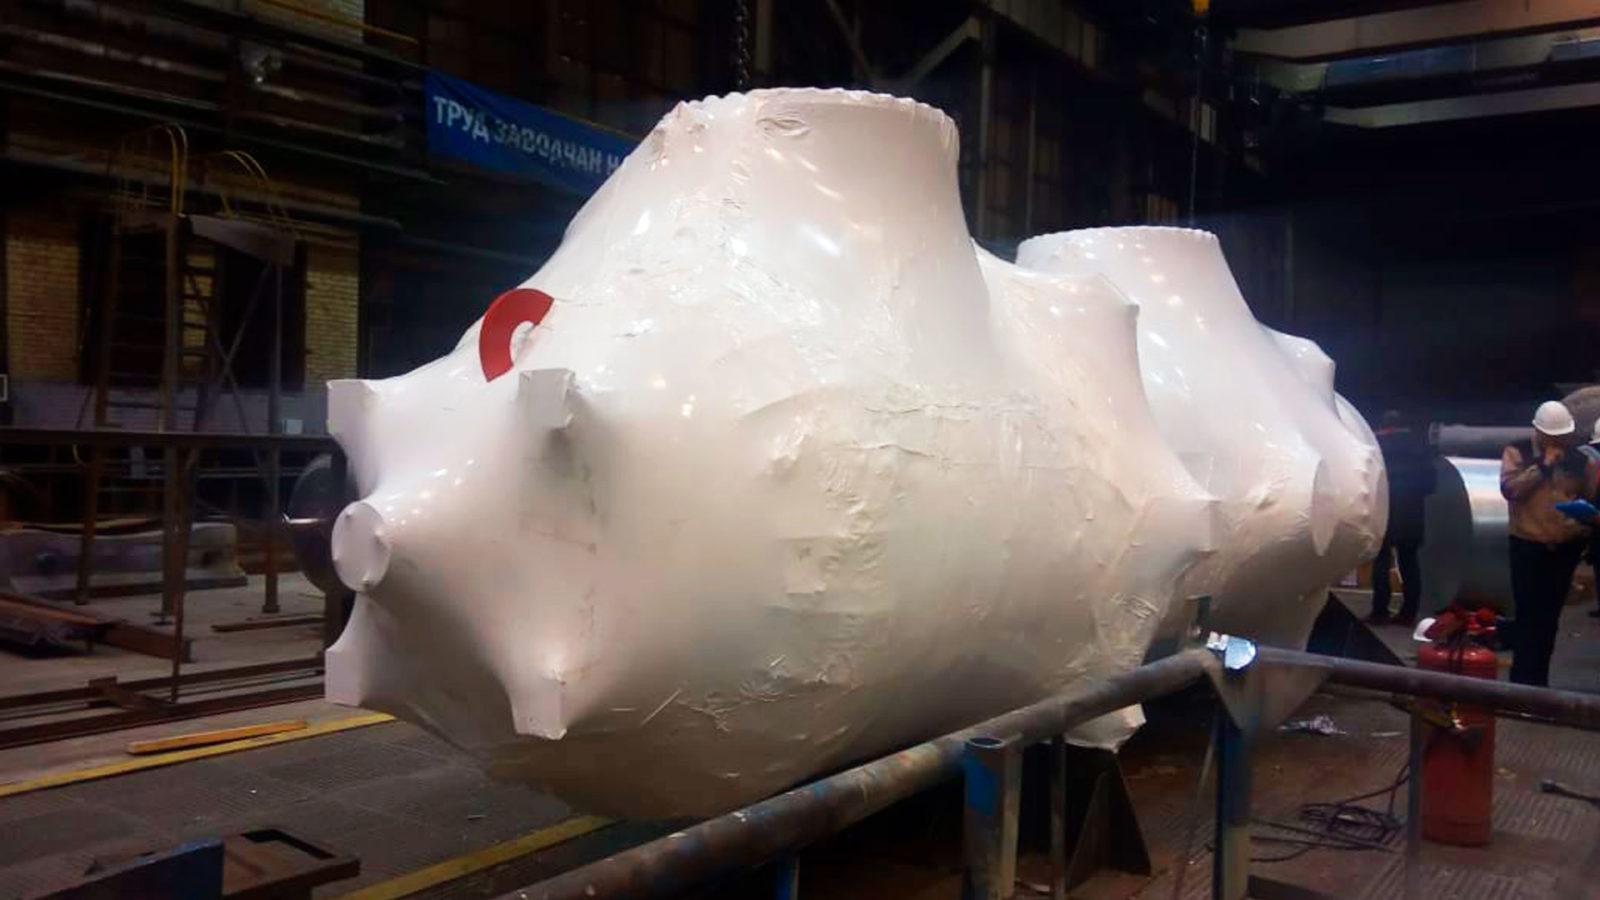 Промышленная упаковка оборудования для надежной защиты от грязи, воды и снега